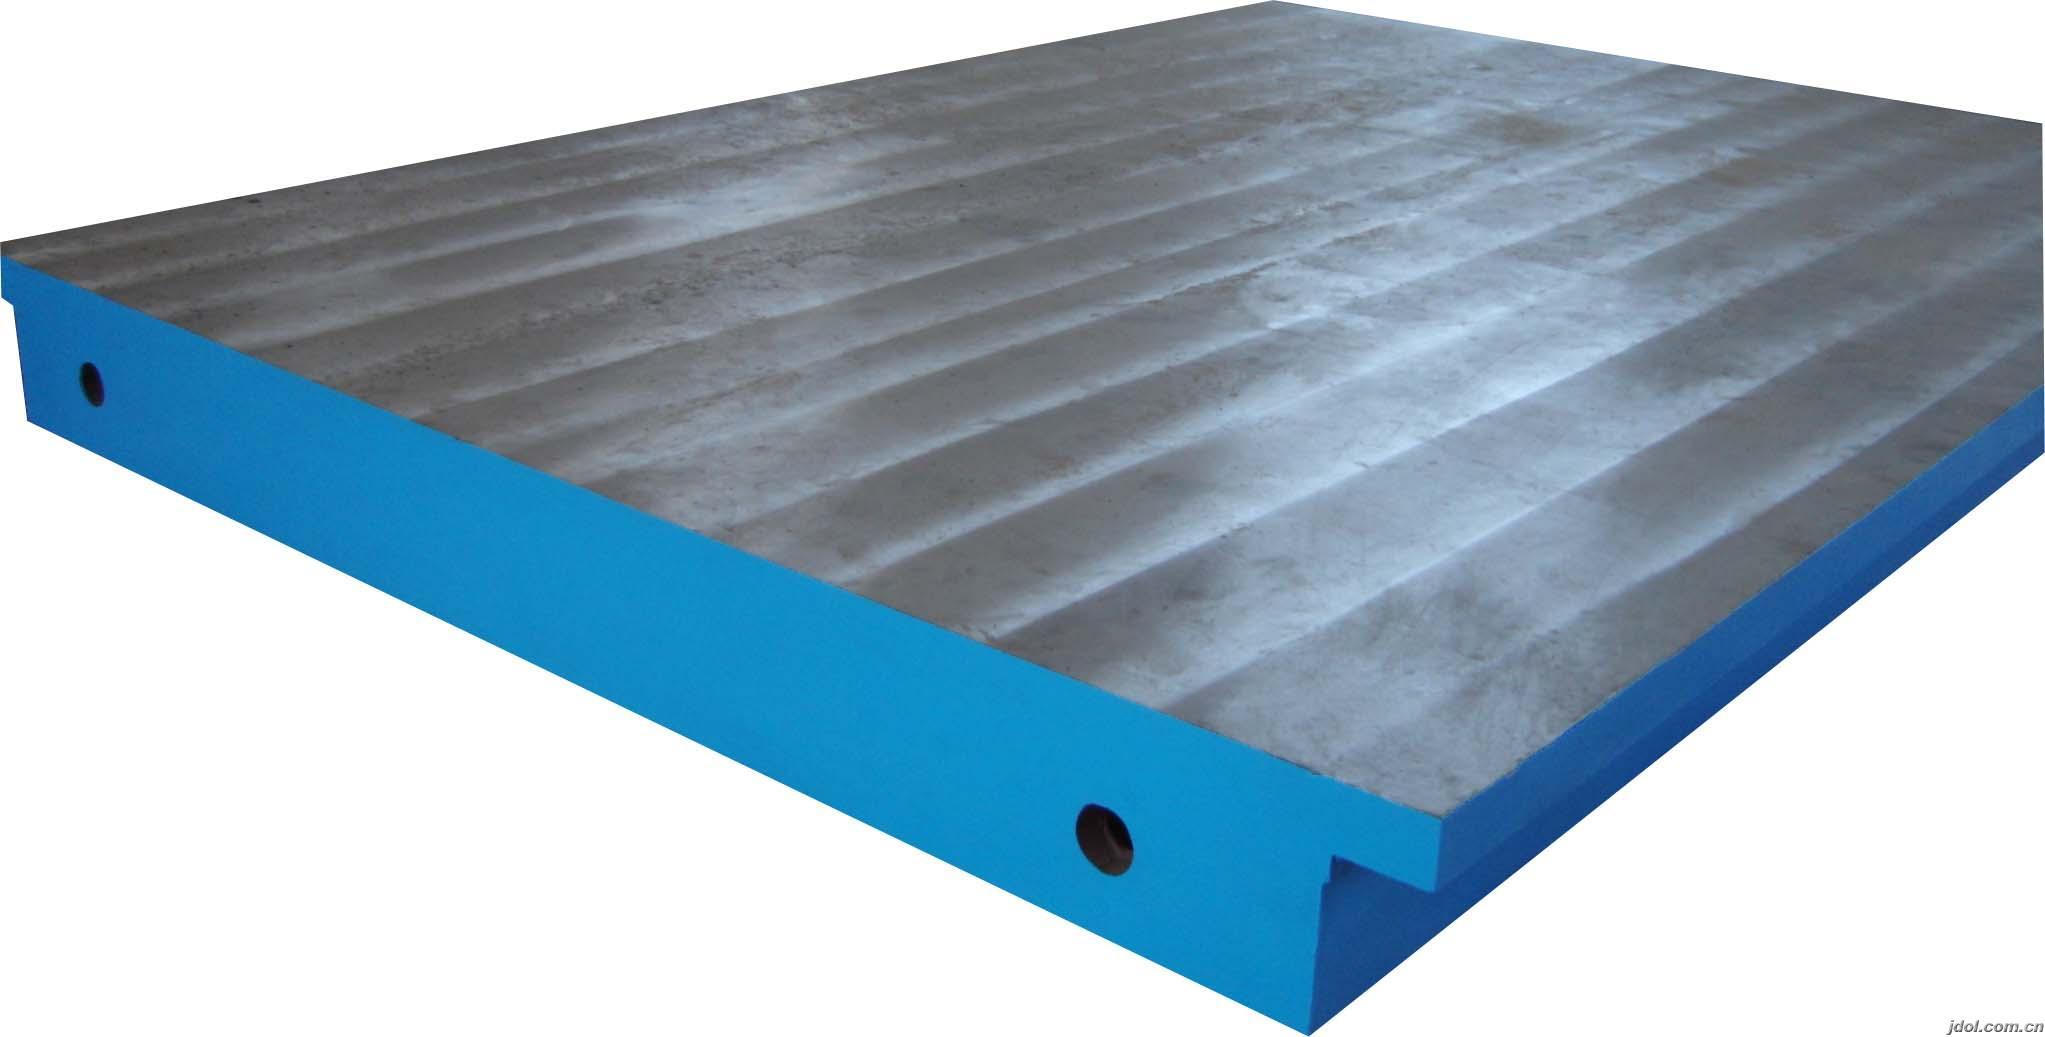 焊接平台规格2000 3000mm现货 焊接t型槽平台工作台 铸铁平台平板